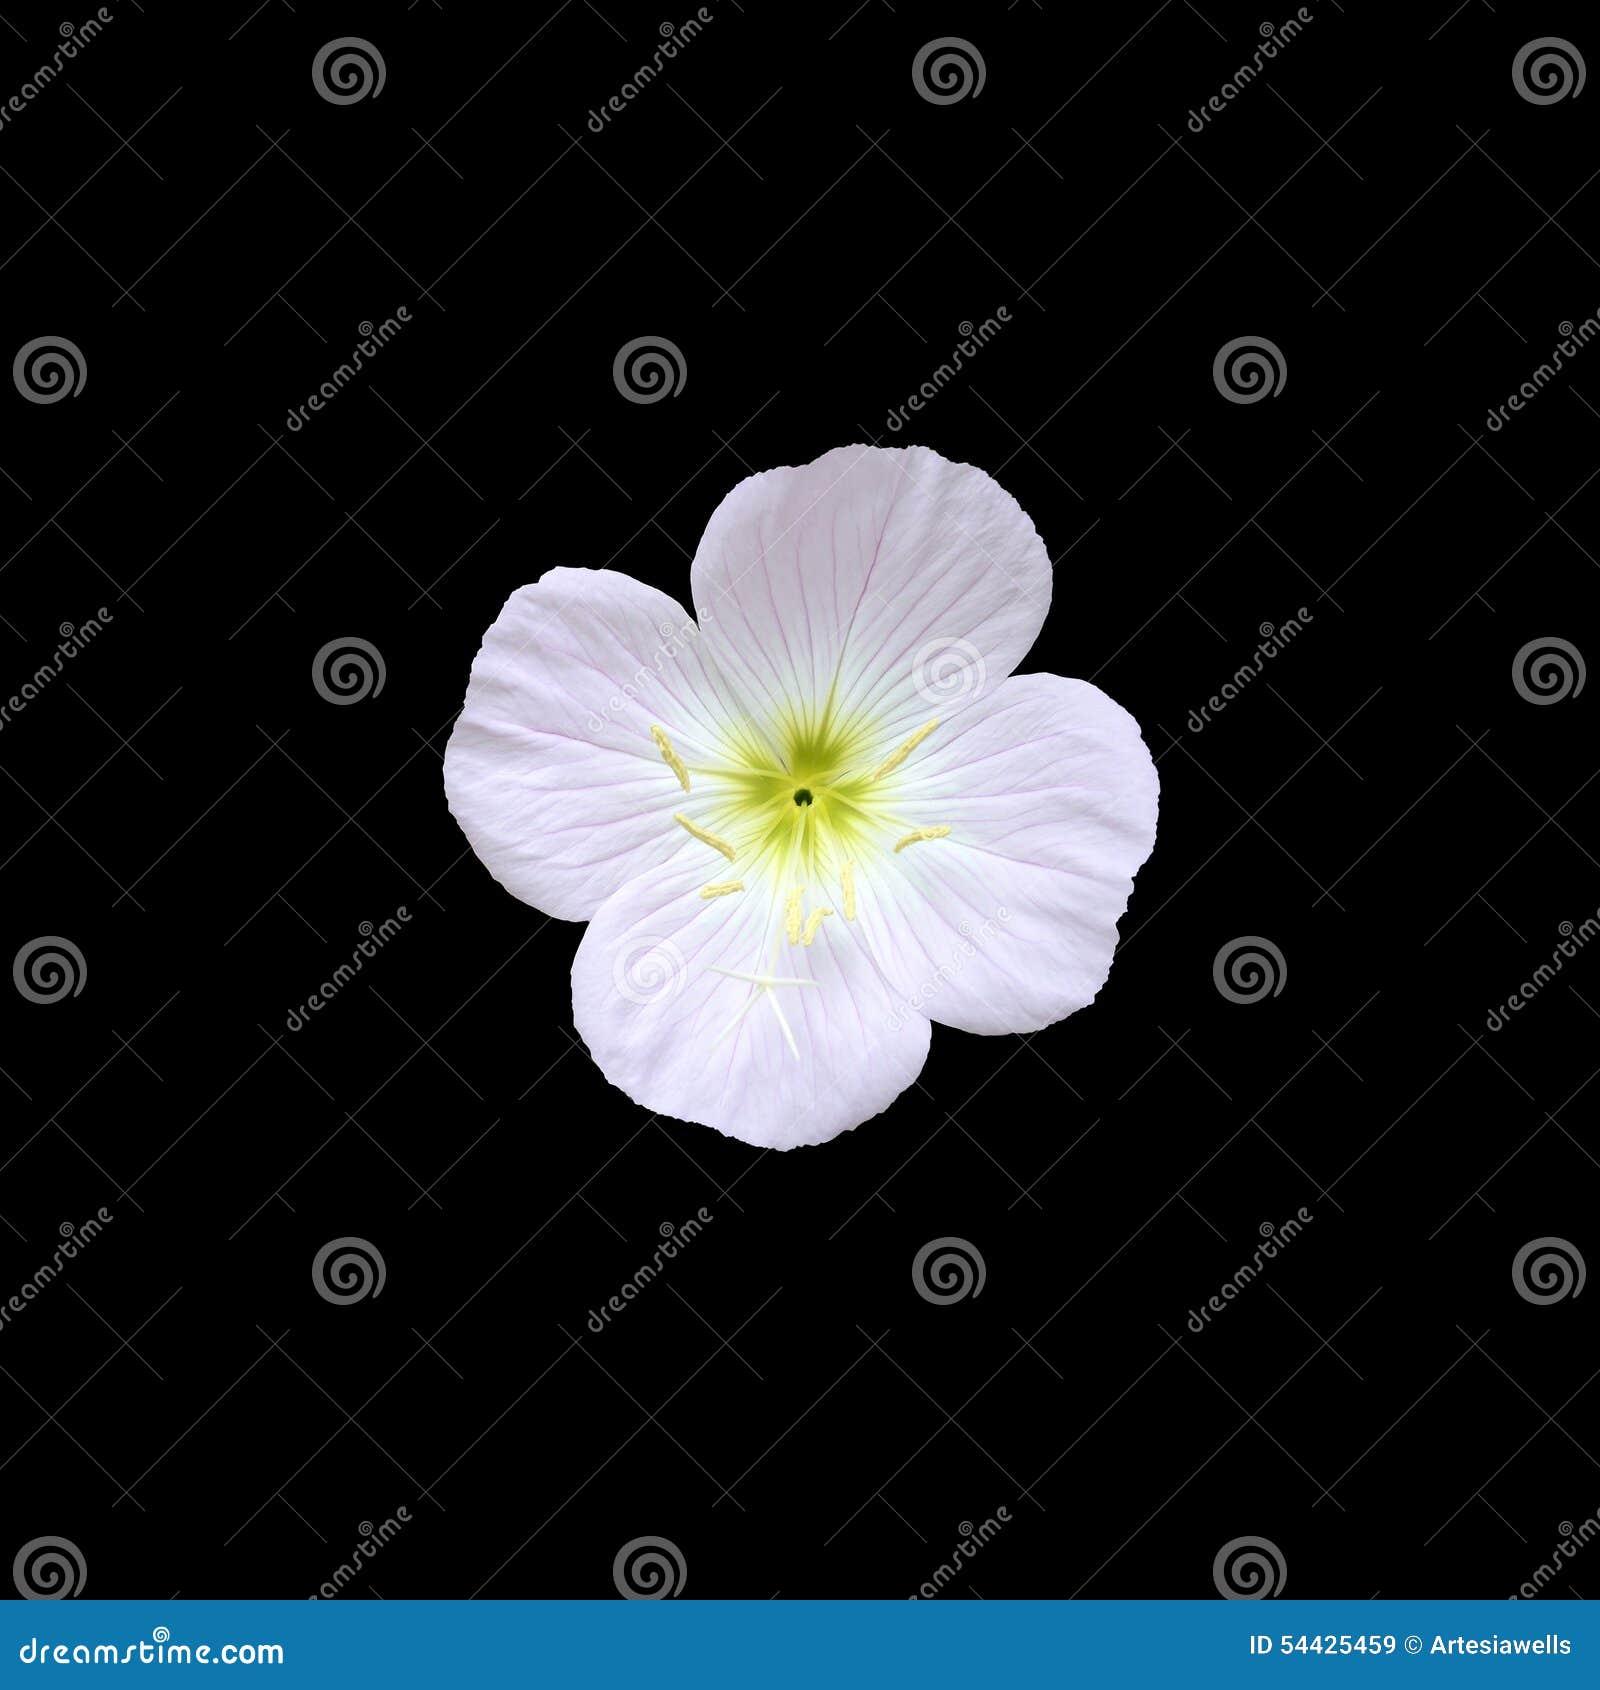 Fiori Gialli Con Quattro Petali.Fiore Rosa Con Quattro Petali Immagine Stock Immagine Di Petali